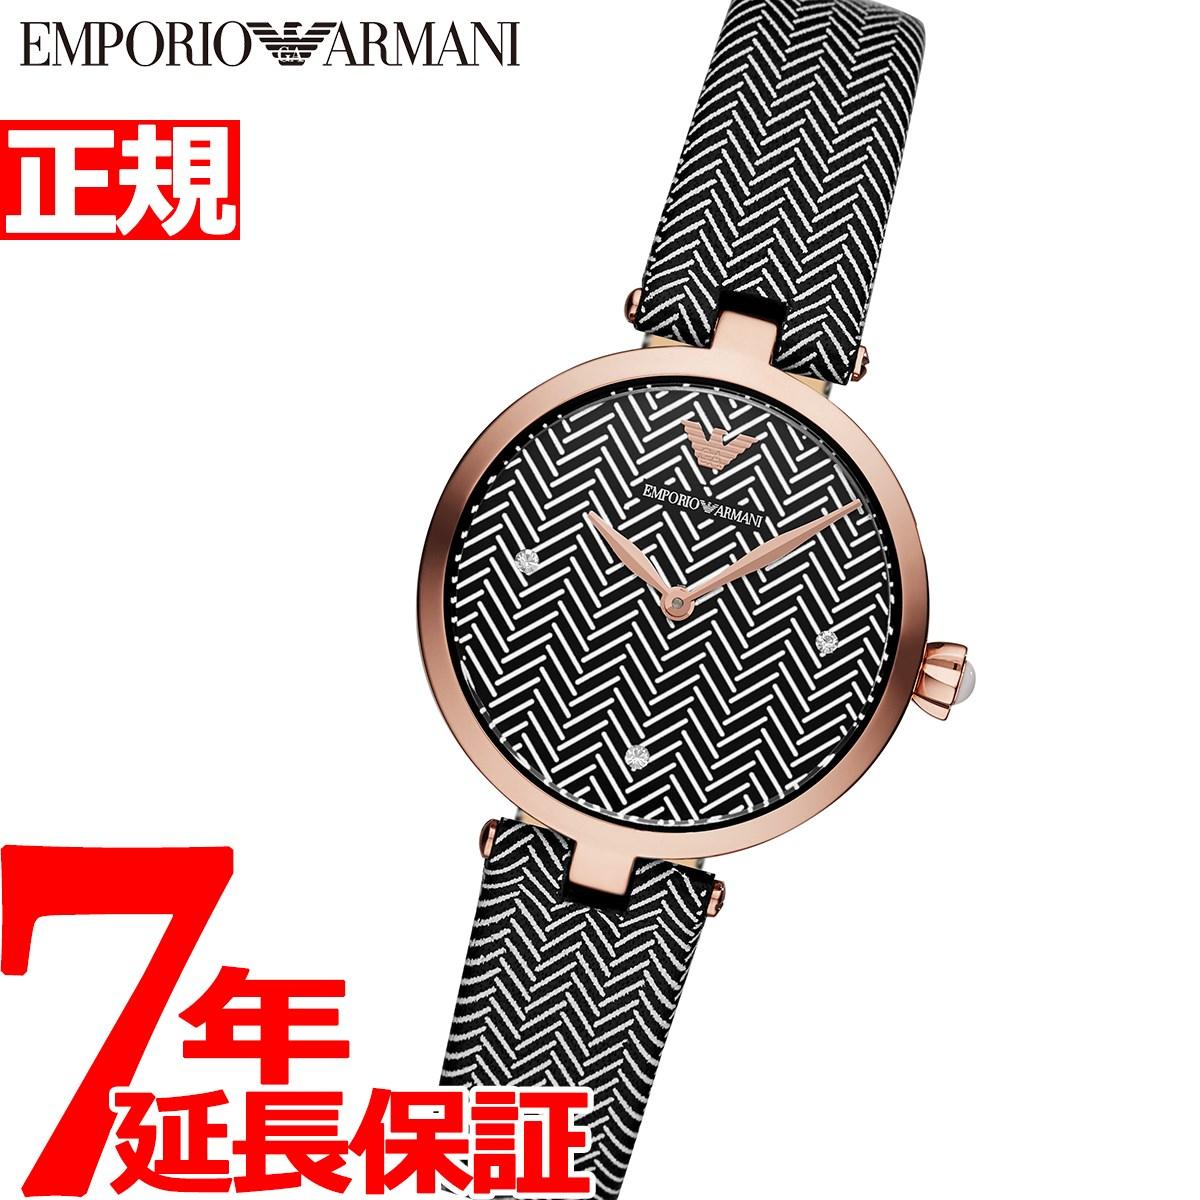 【5日0時~♪10%OFFクーポン&店内ポイント最大51倍!5日23時59分まで】エンポリオアルマーニ EMPORIO ARMANI 腕時計 レディース AR11237